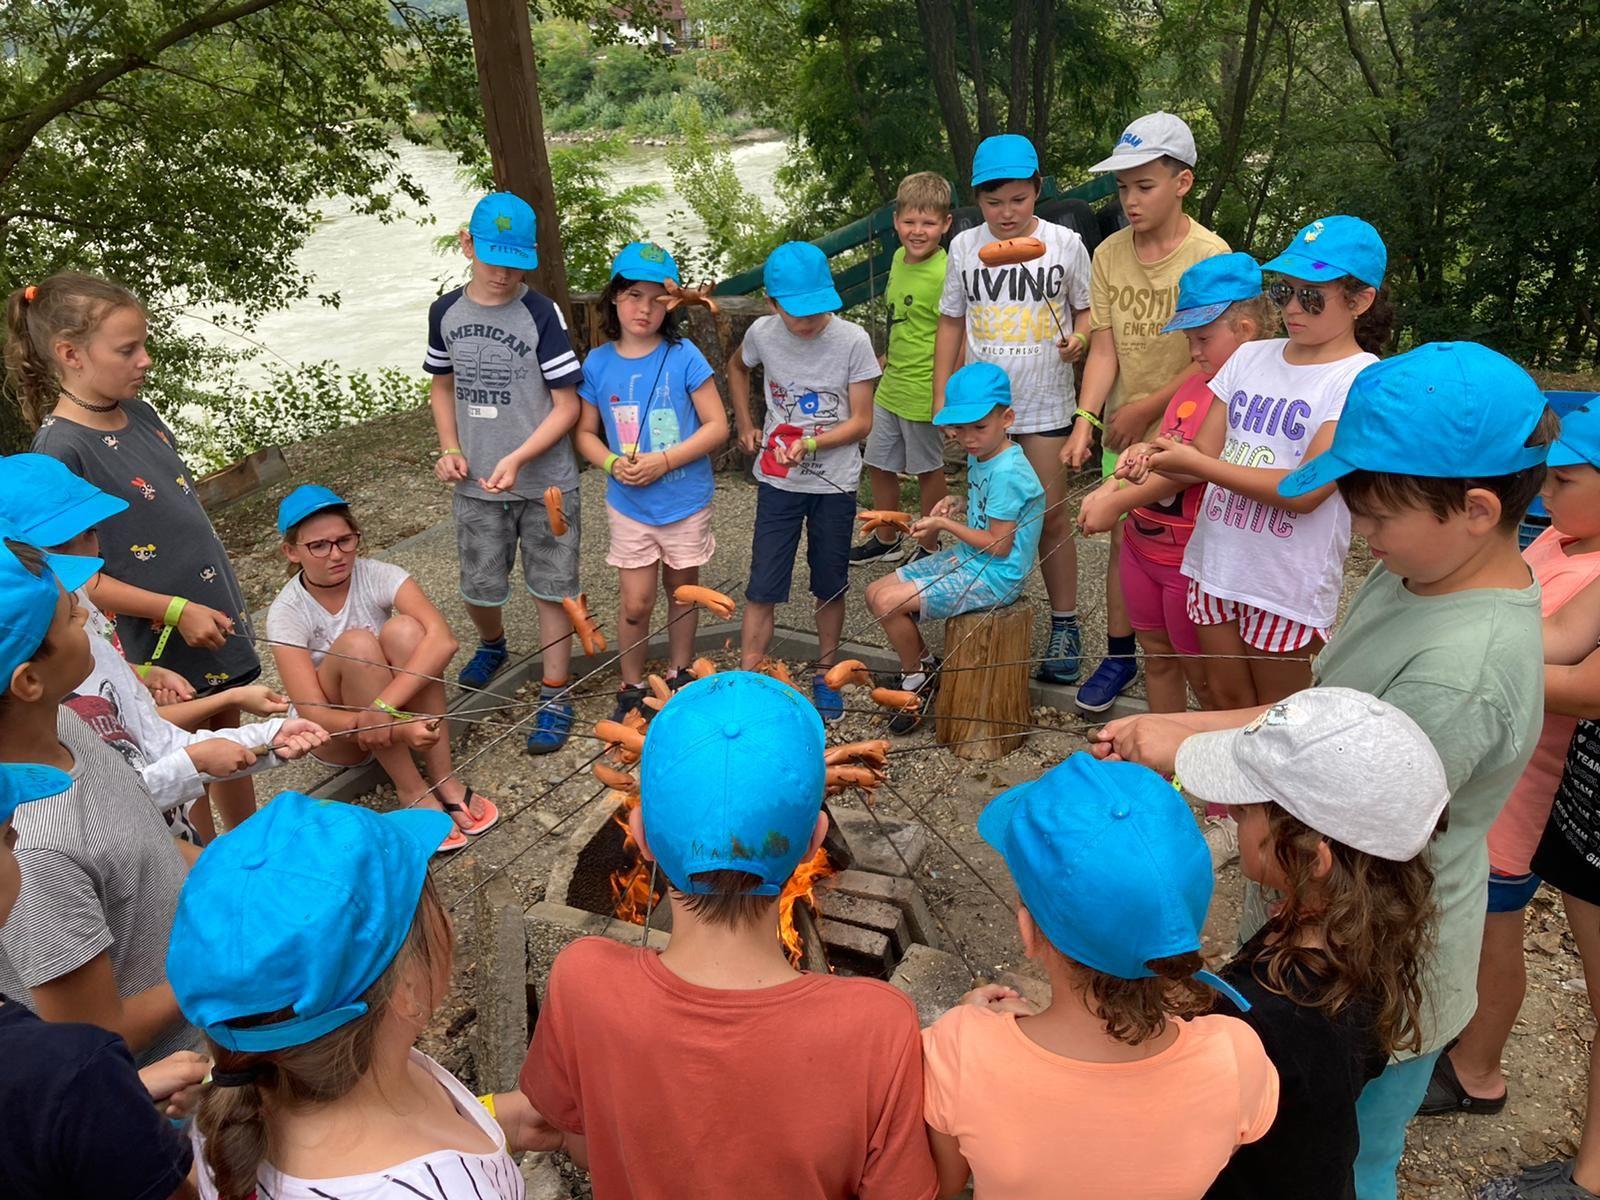 BENI CAMP - denný tábor v Rači